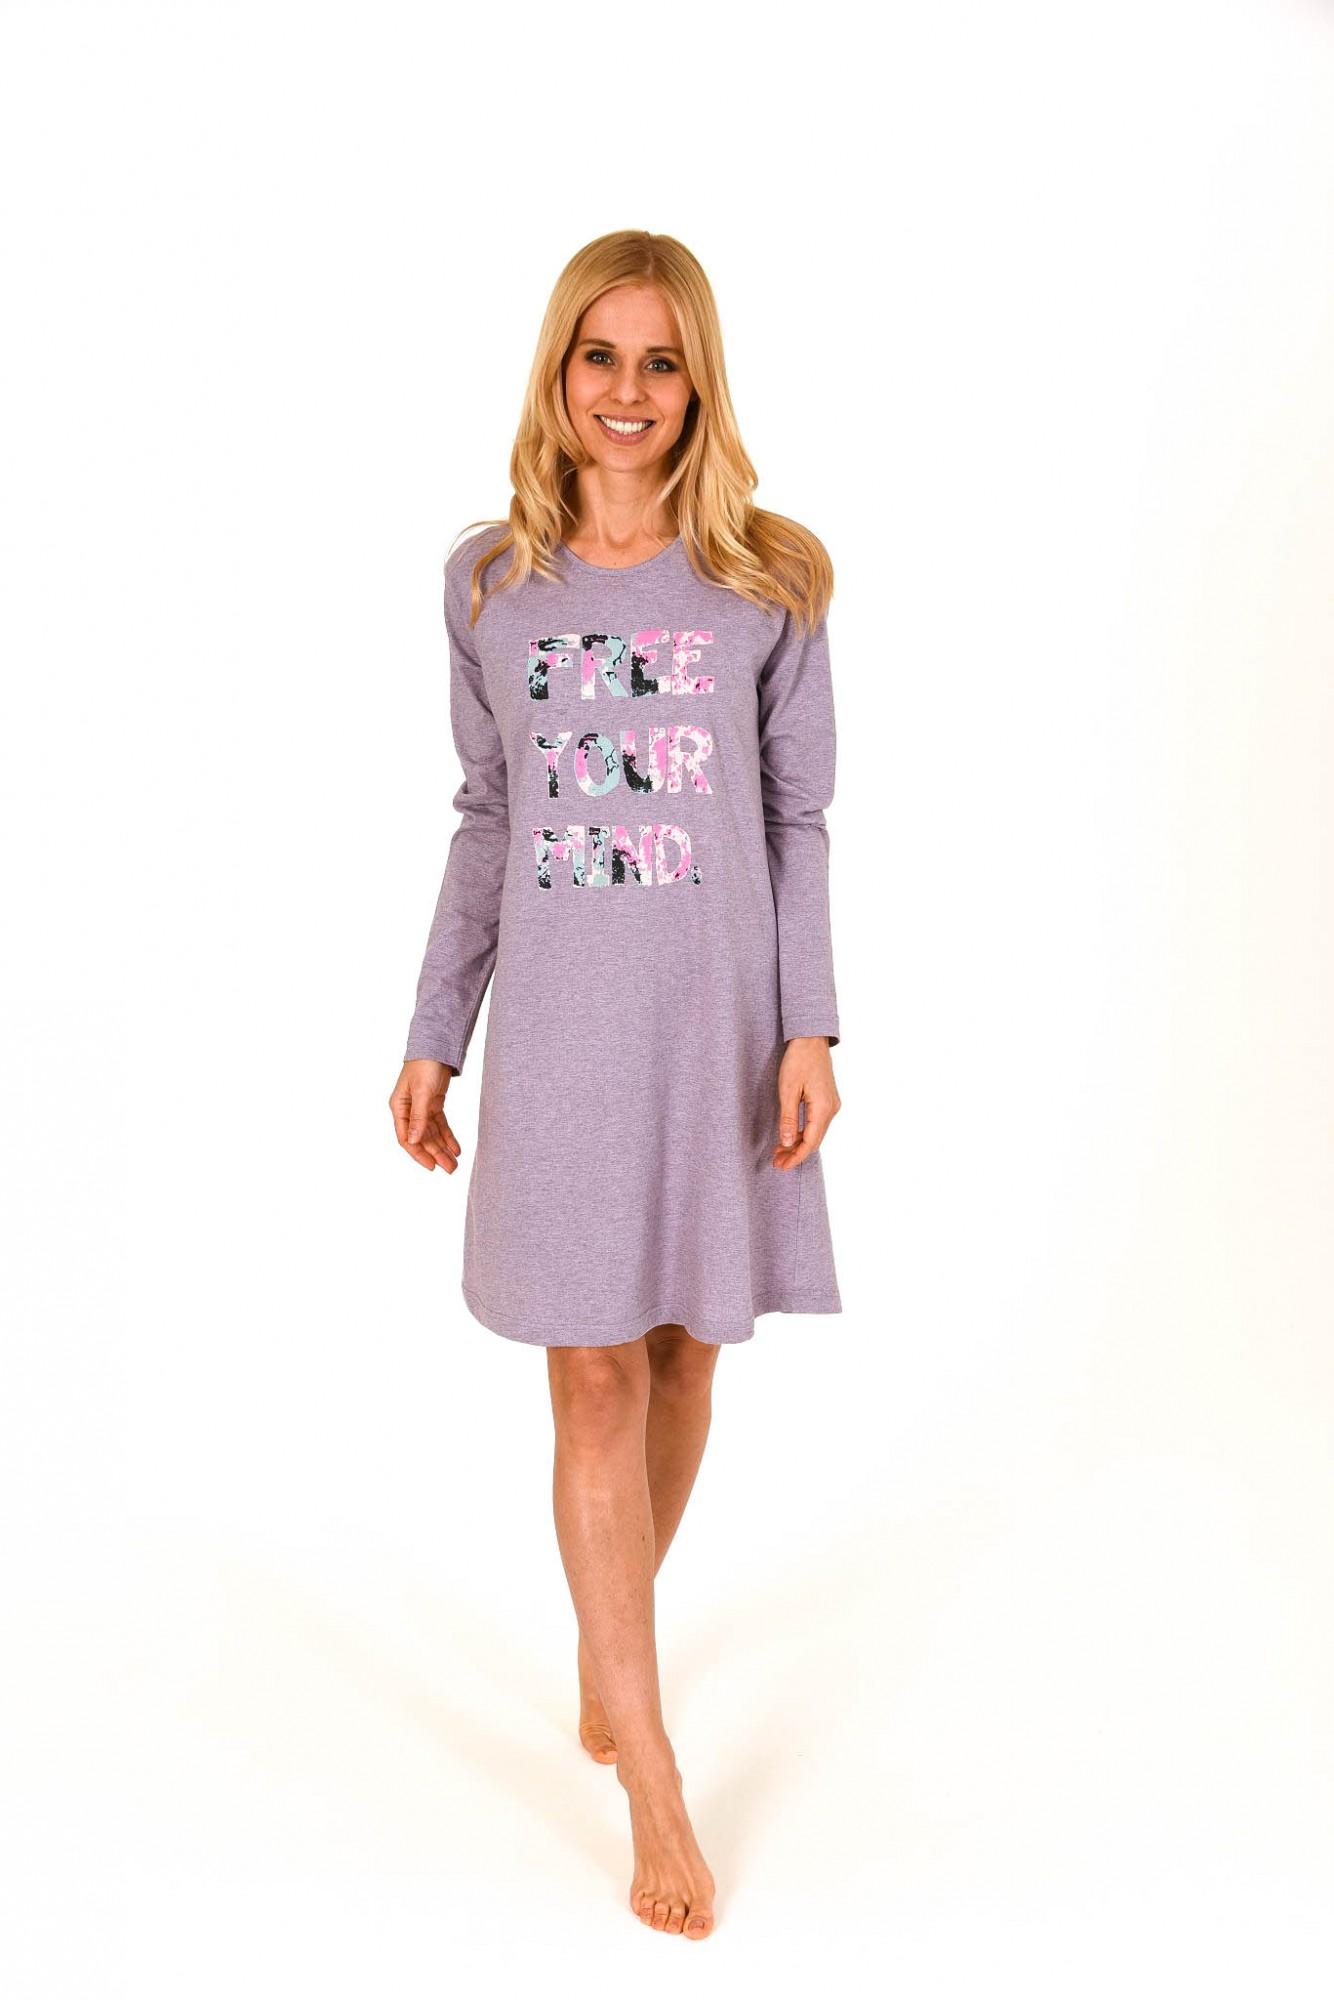 Damen Sleepshirt Nachthemd mit ausgefallenen Schriftzug – 261 213 90 410 001